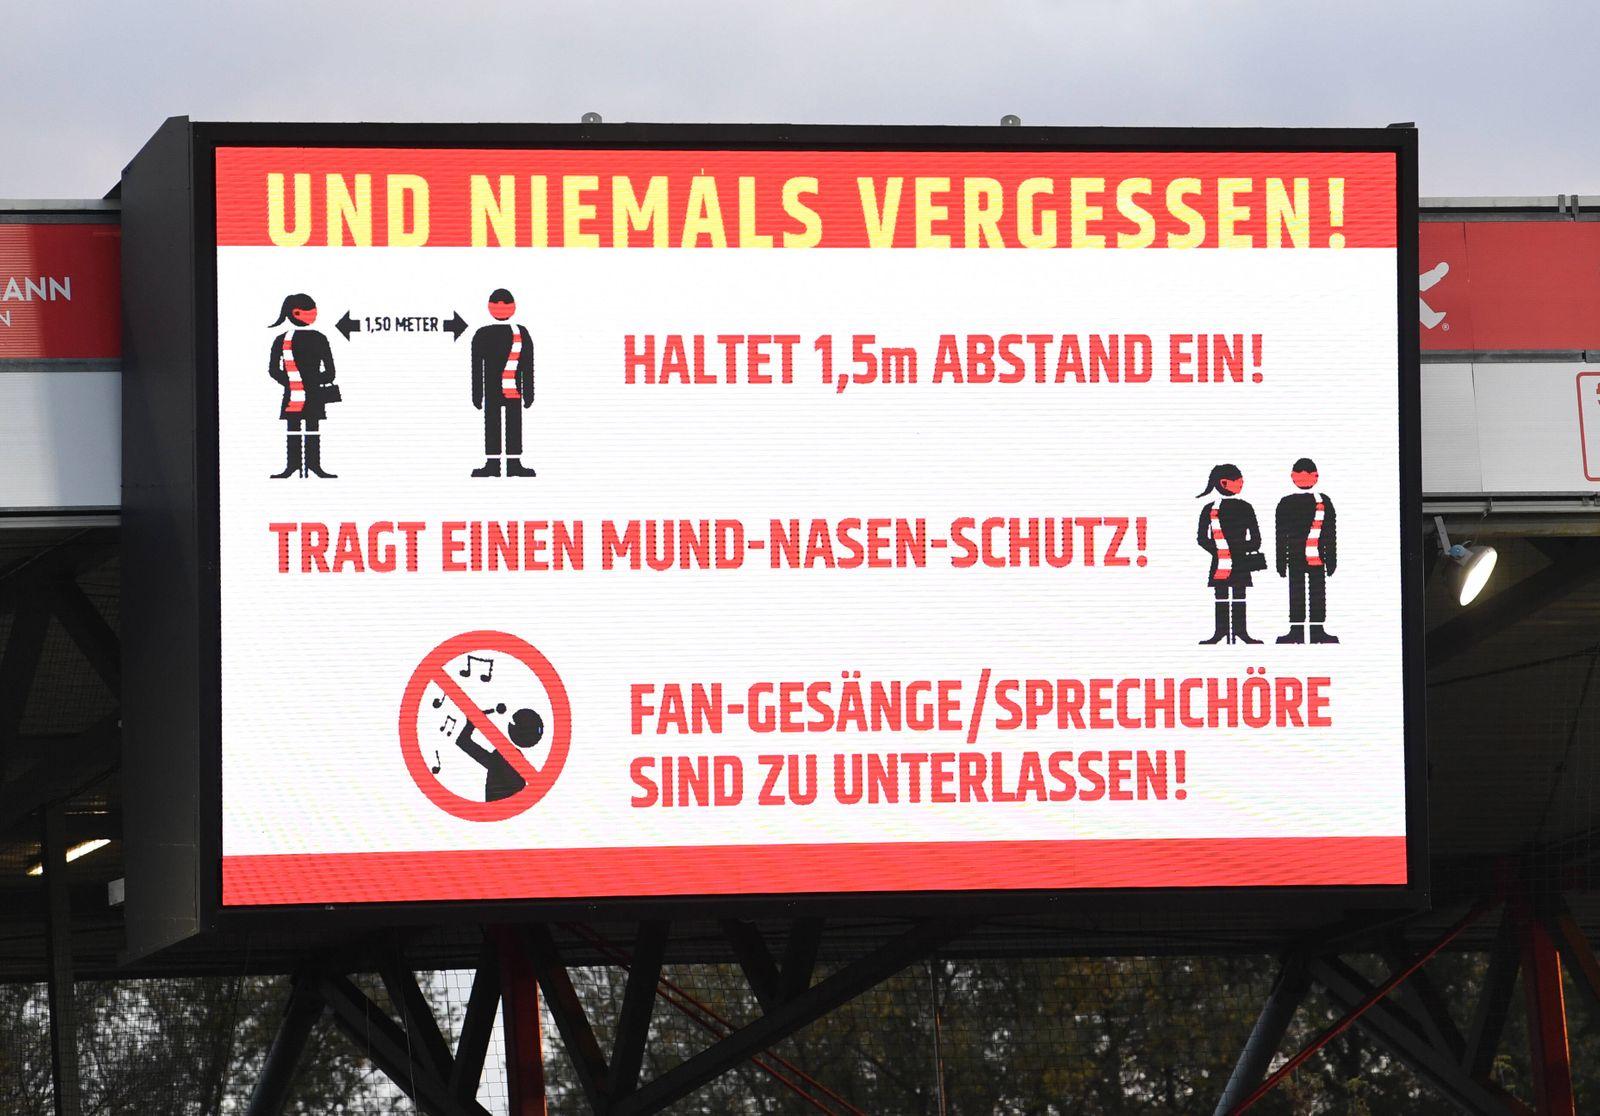 Fussball, Herren, Saison 2020/2021, 1. Bundesliga (5. Spieltag), 1. FC Union Berlin - SC Freiburg, die Anzeigetafel zeig